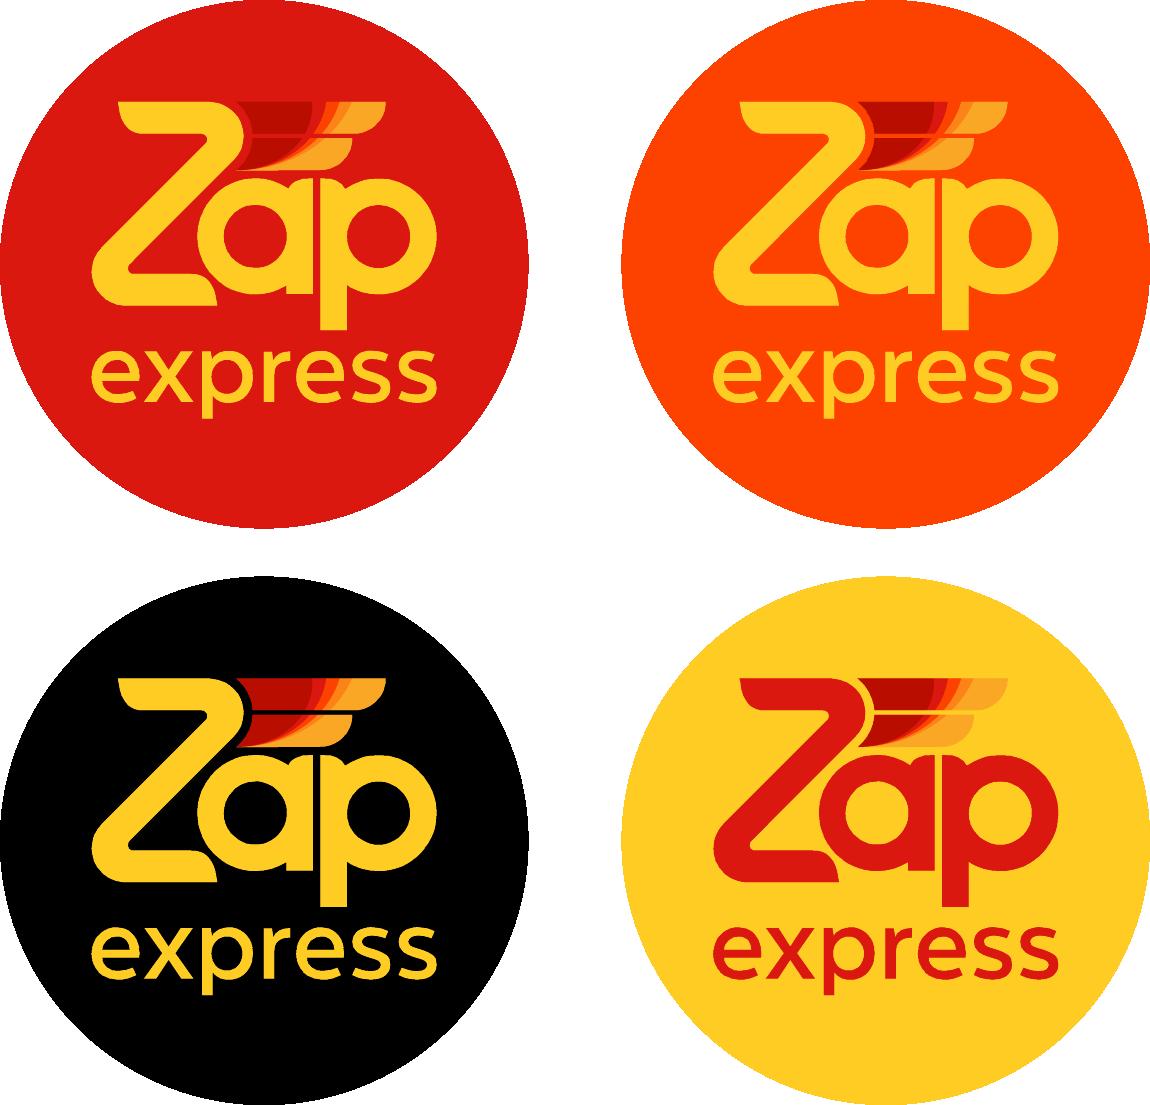 ZAP EXPRESS